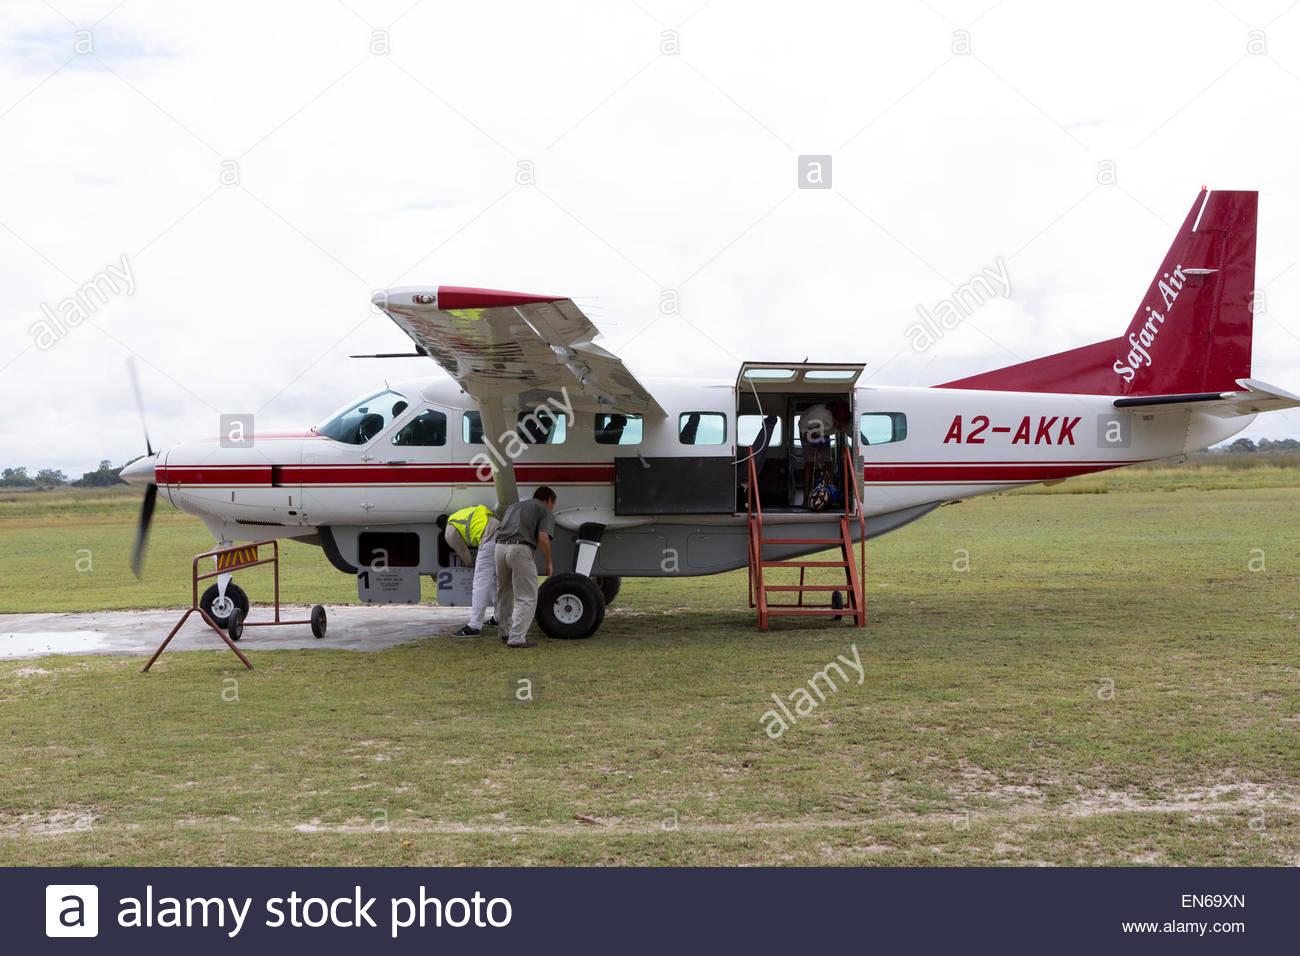 cessna caravan turbopropulseurs largement utilis sur les vols safari en afrique ici au camp. Black Bedroom Furniture Sets. Home Design Ideas